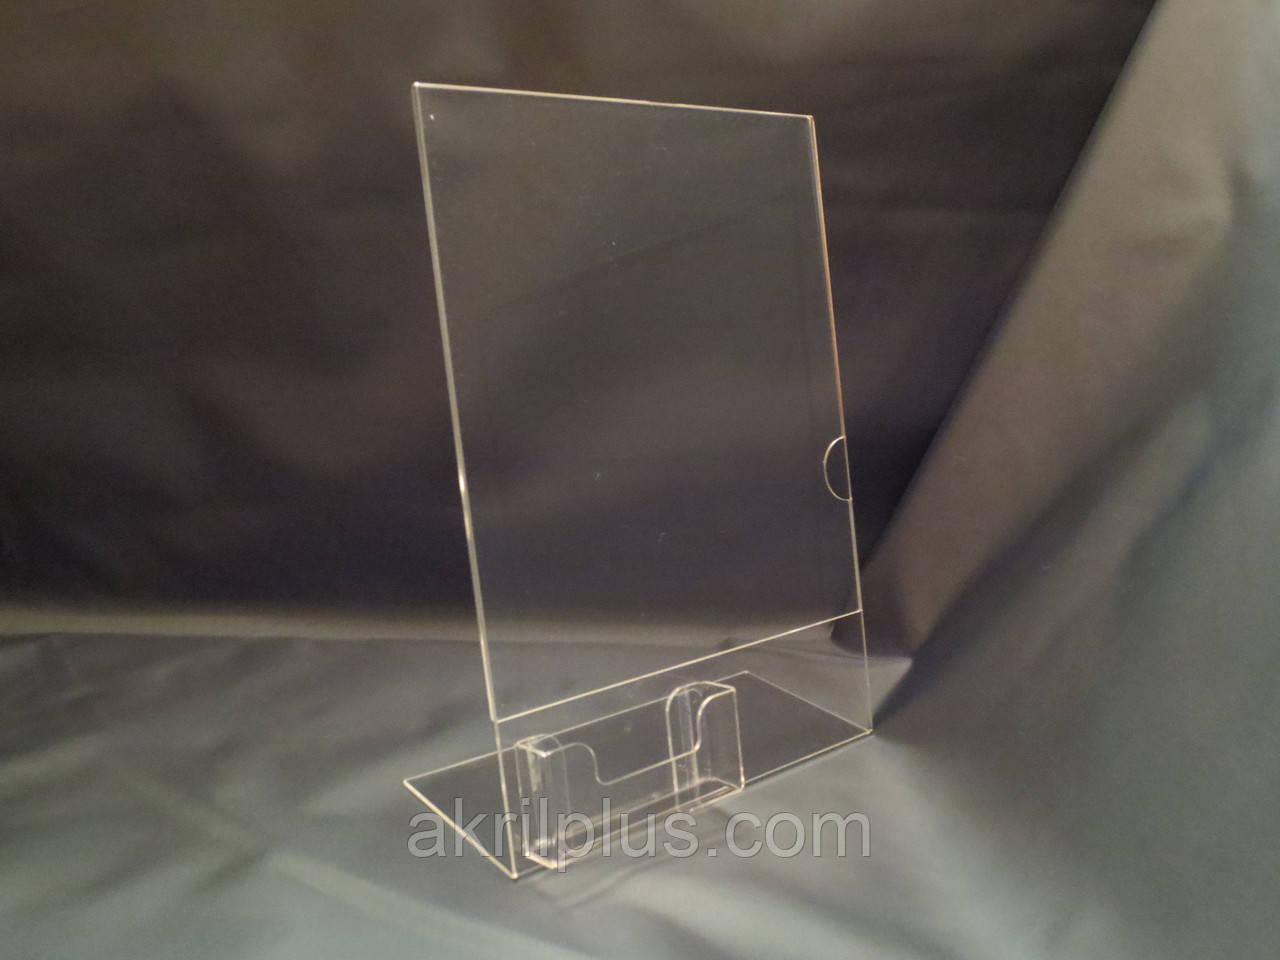 Менюхолдер L-образный вертикальный под формат А4 с визитницей